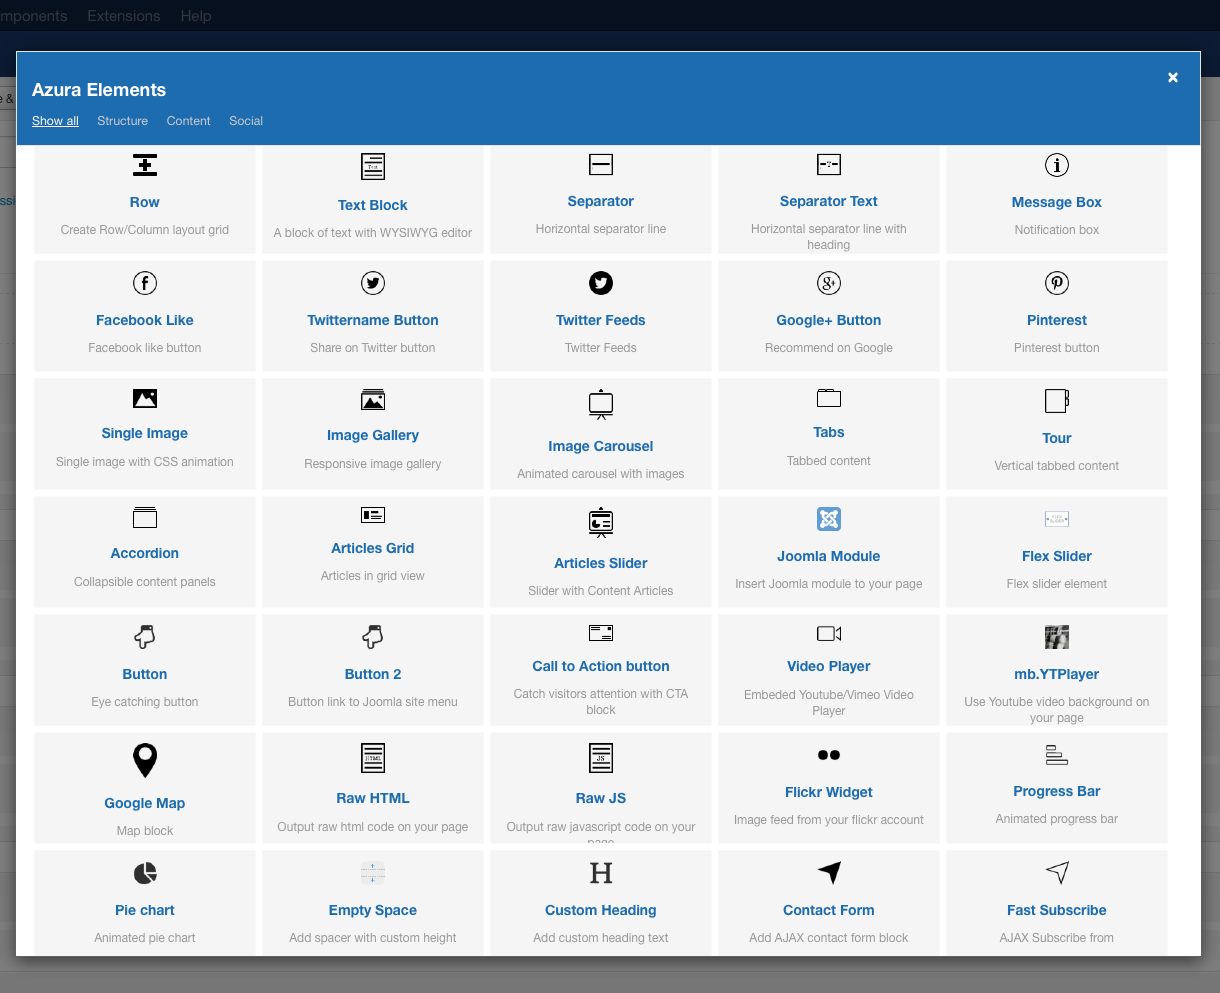 3a2f2f6176e67 صفحه ساز پیشرفته جوملا Quix Pagebuilder  - گلچین آنلاین